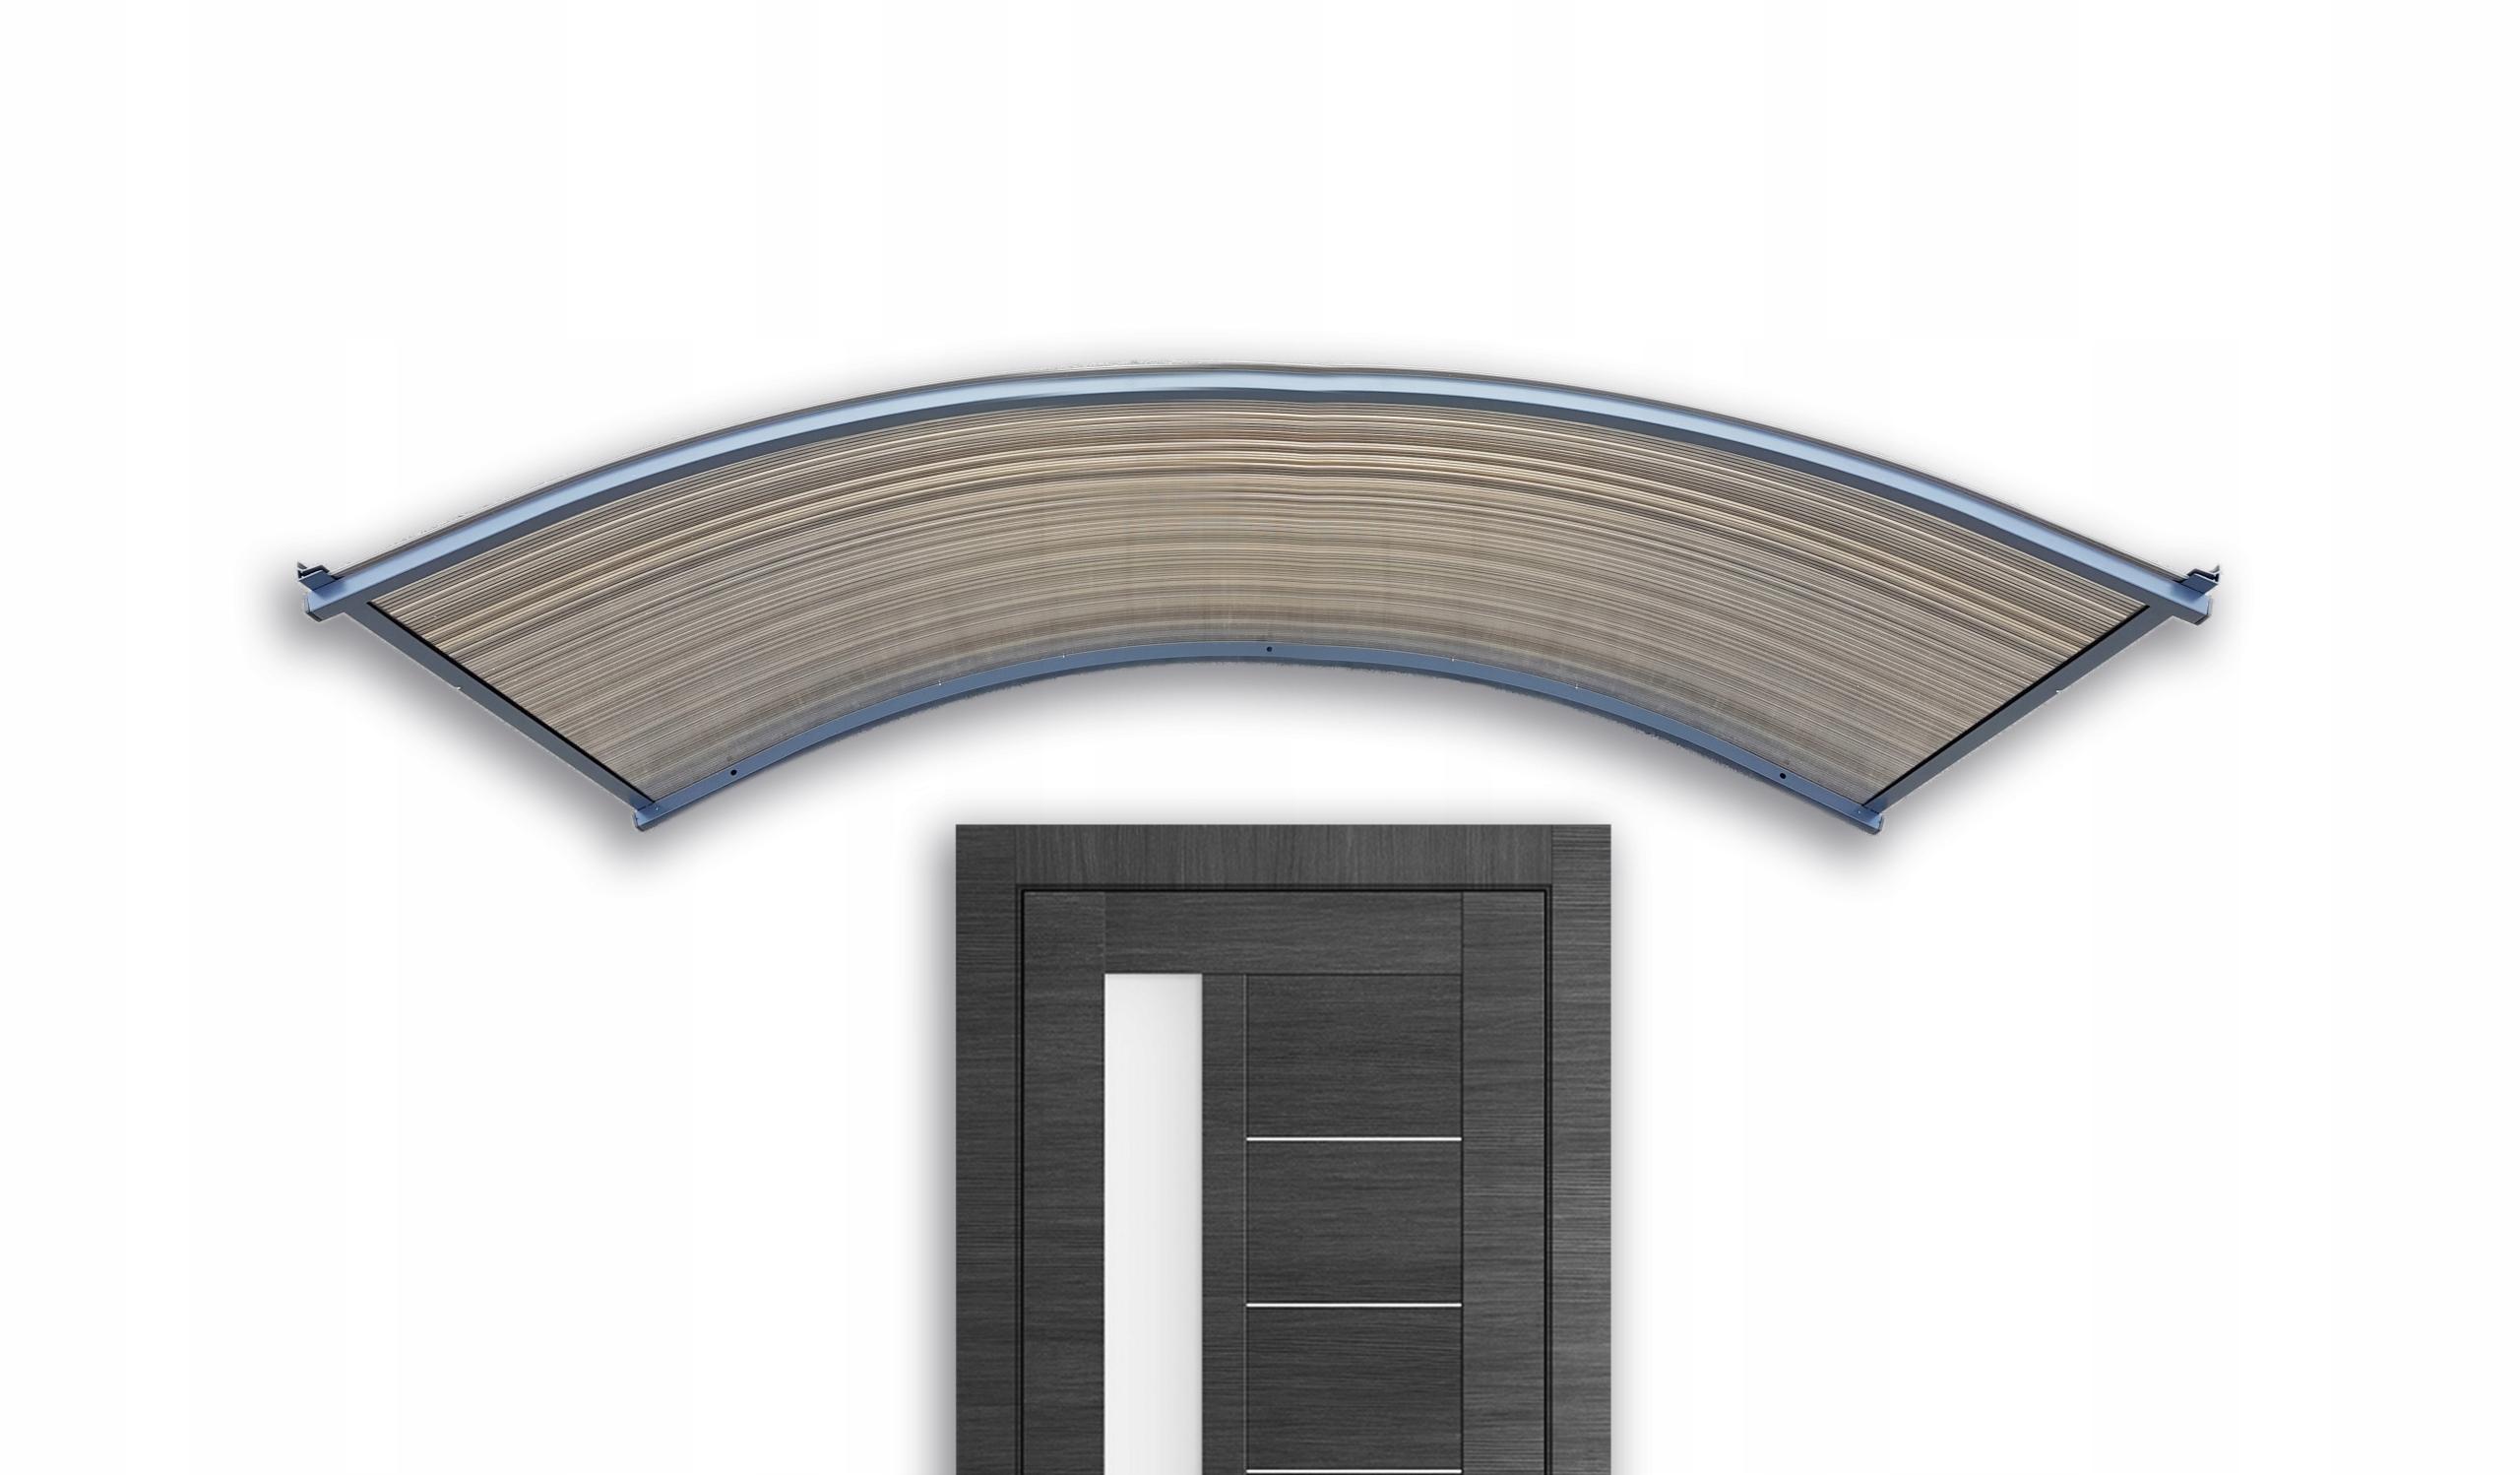 Strieška nad dvere, strešná krytina 150x25x50 ral 7016